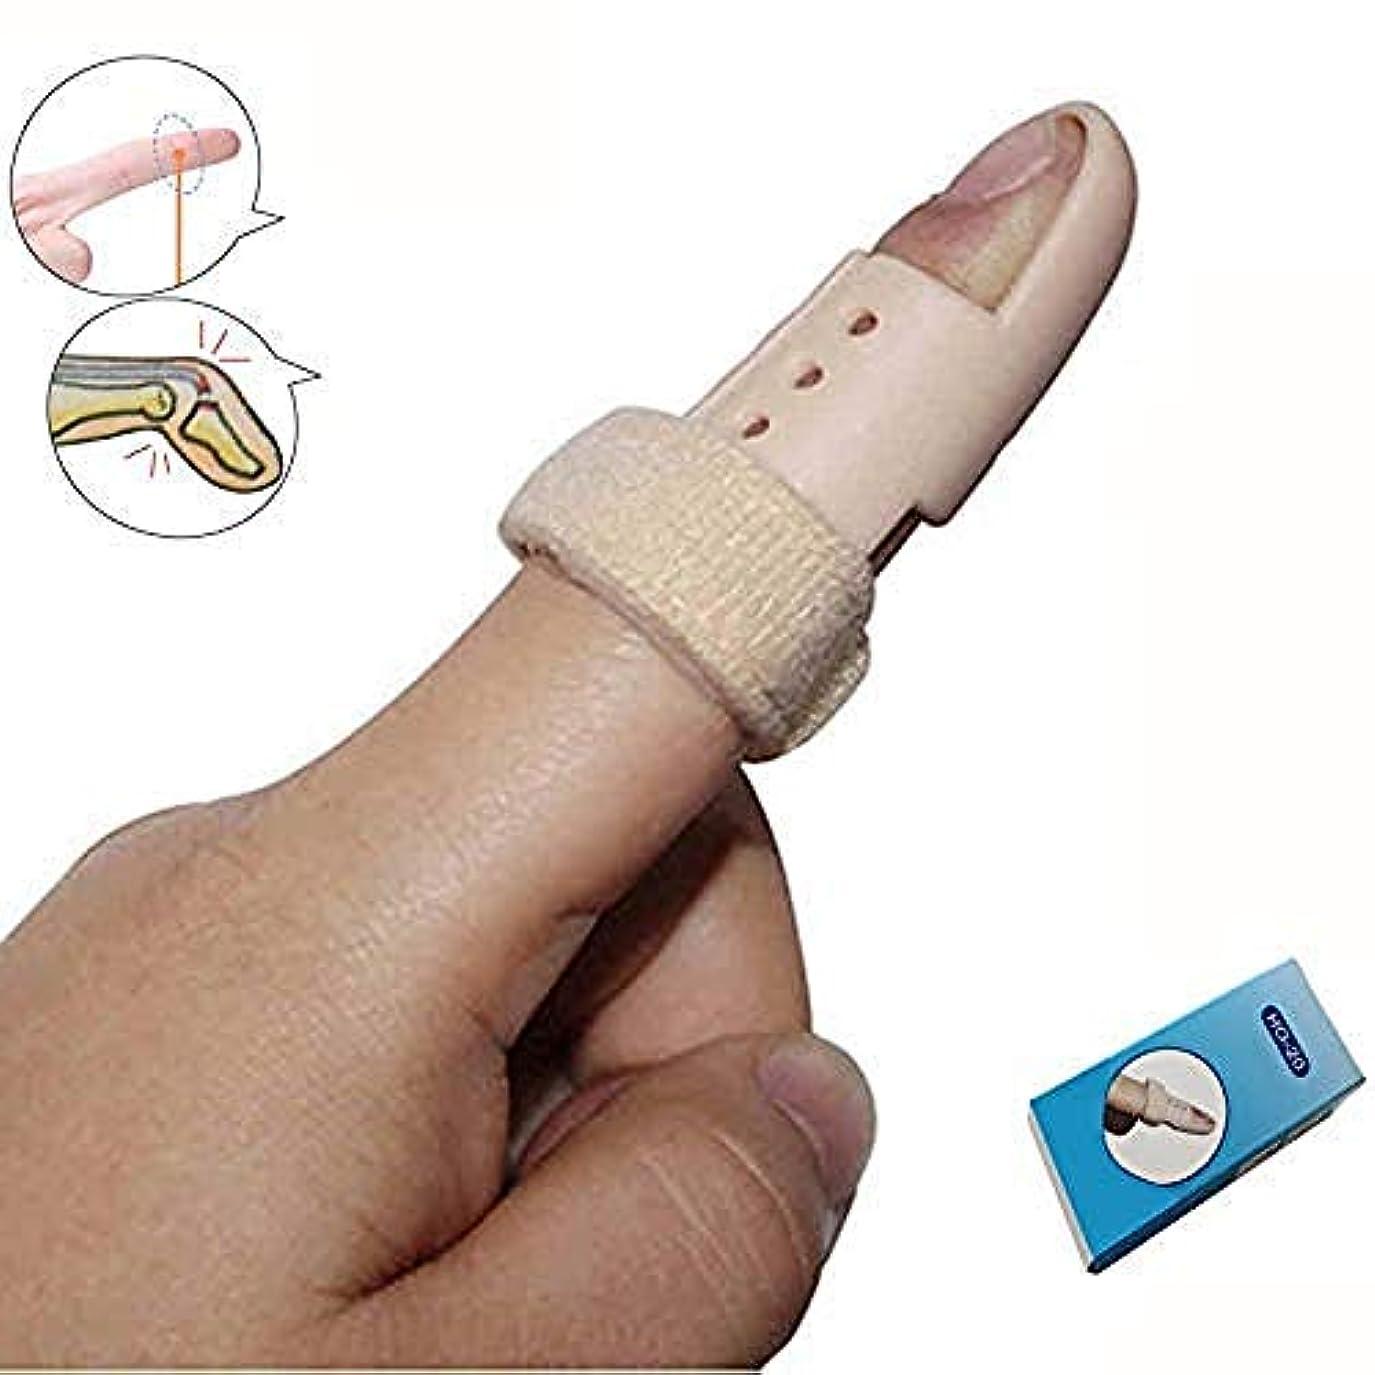 凍ったチケット高い指の損傷のサポート、指トレーニングボード指アライナー指板右手左手使用リハビリ機器,04